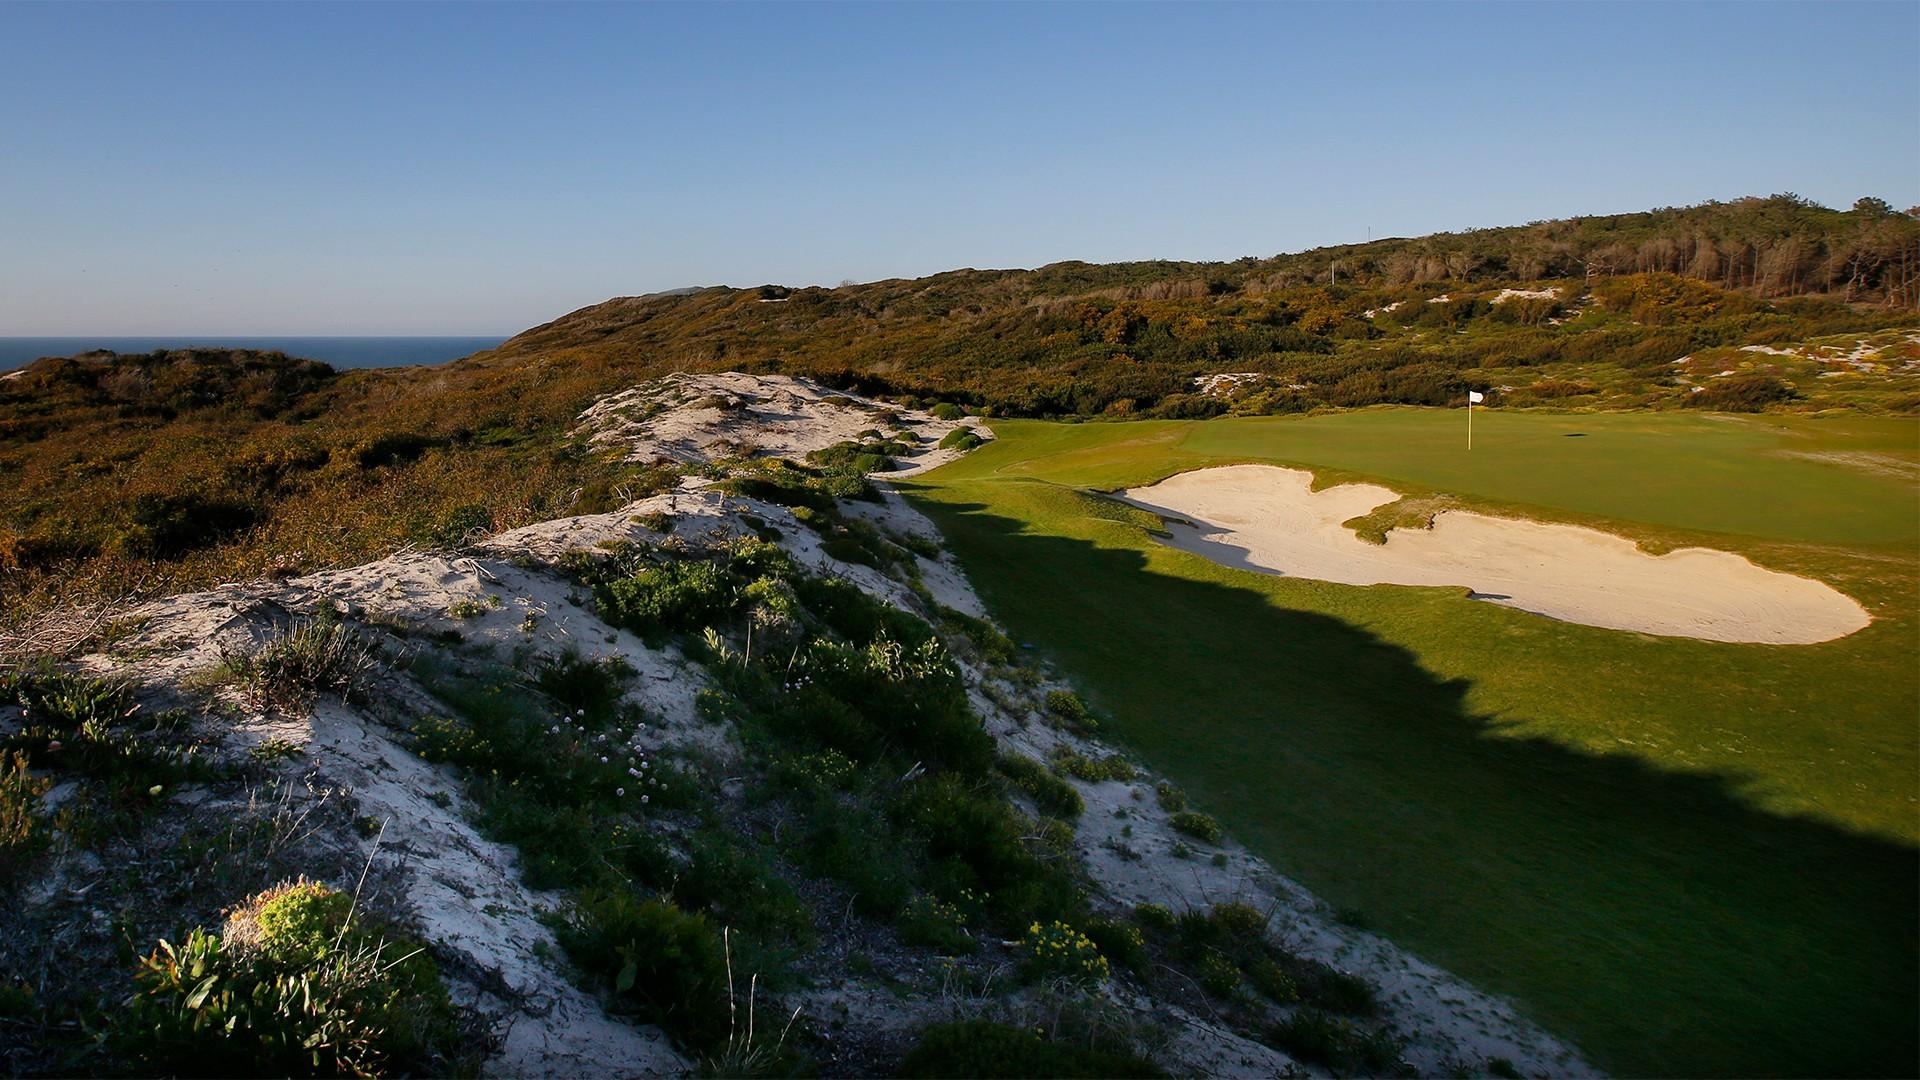 West Cliffs golf course, Lisbon, Portugal